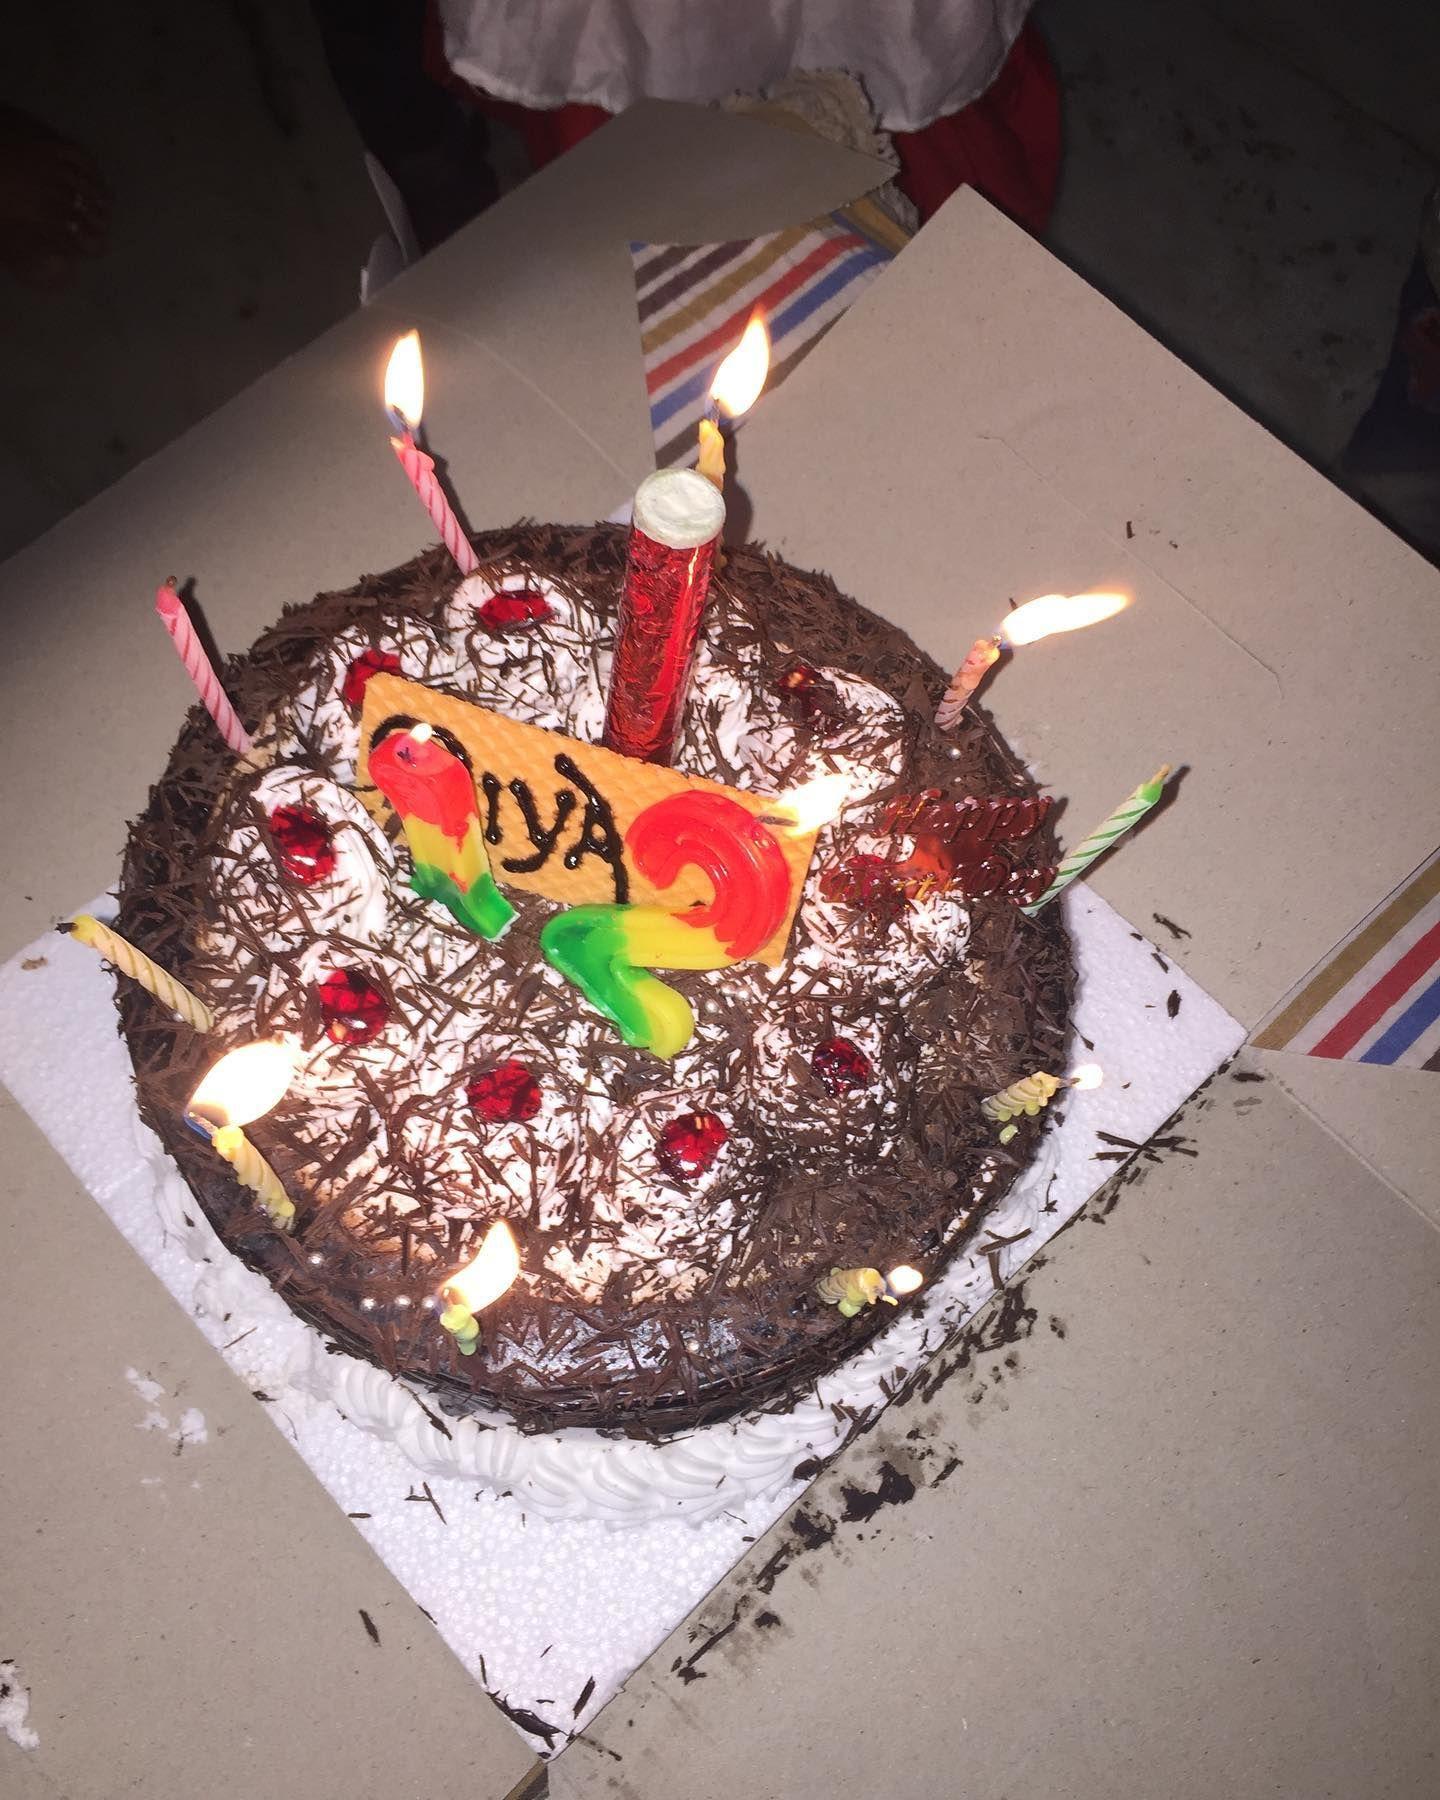 Happy Birthday Riya May God Bless You Beta Khush Reh Hmesha Birthday Candles Happy Birthday Instagram Photo